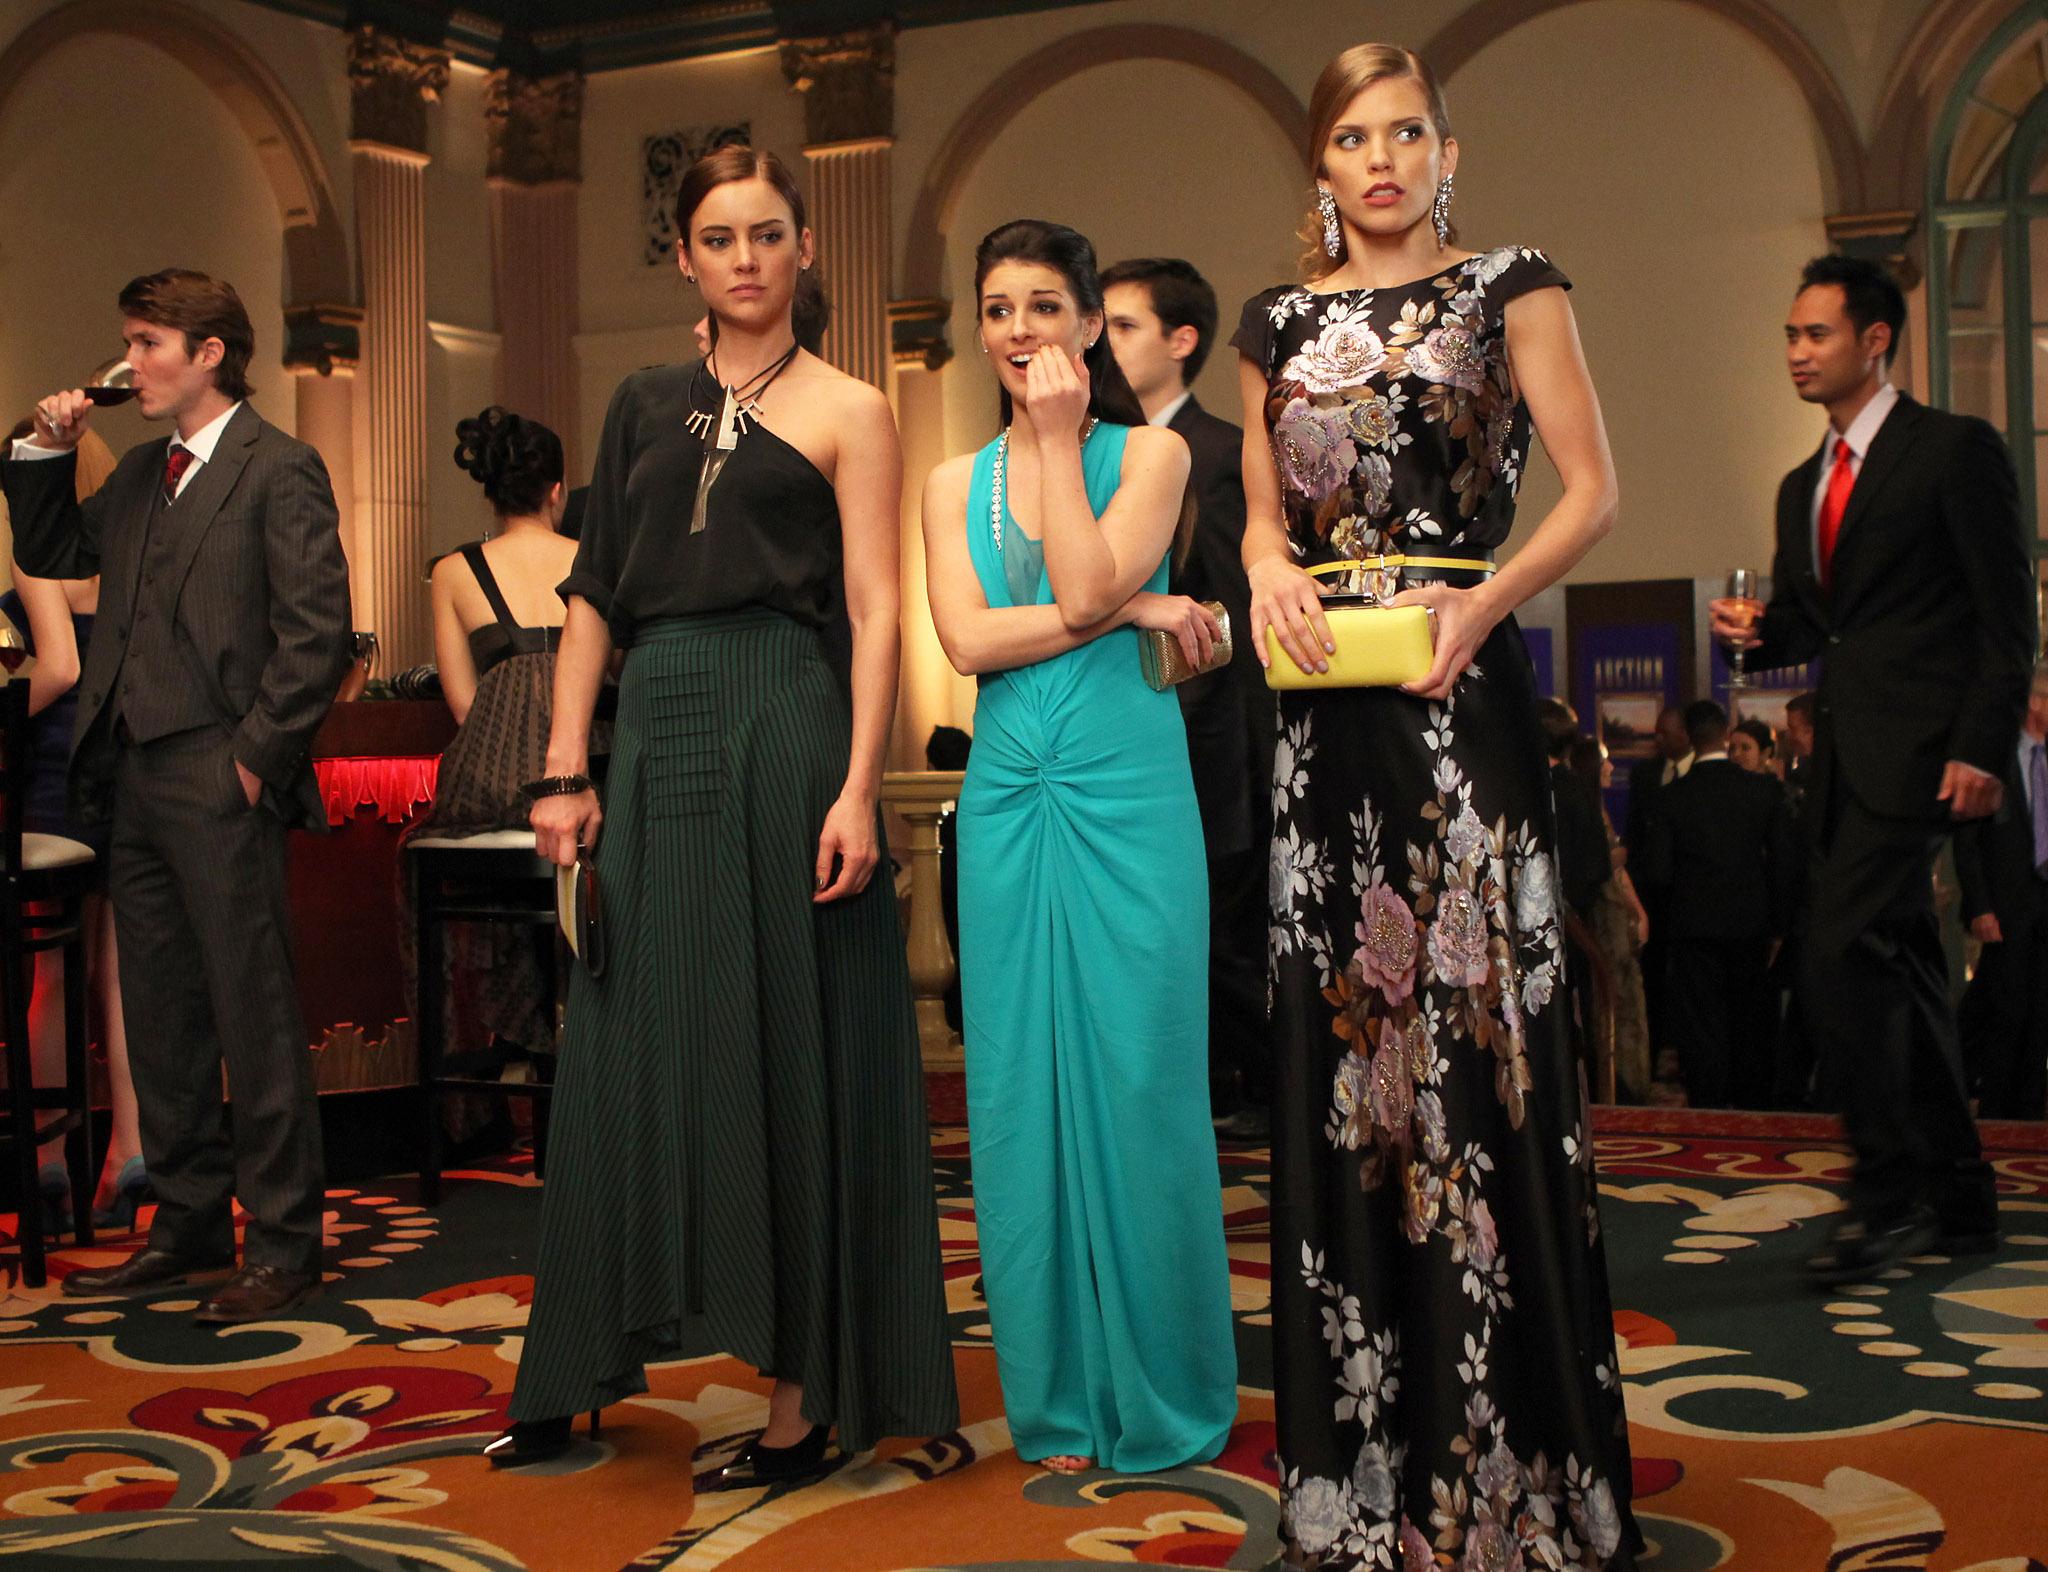 finale-90210-1.jpg